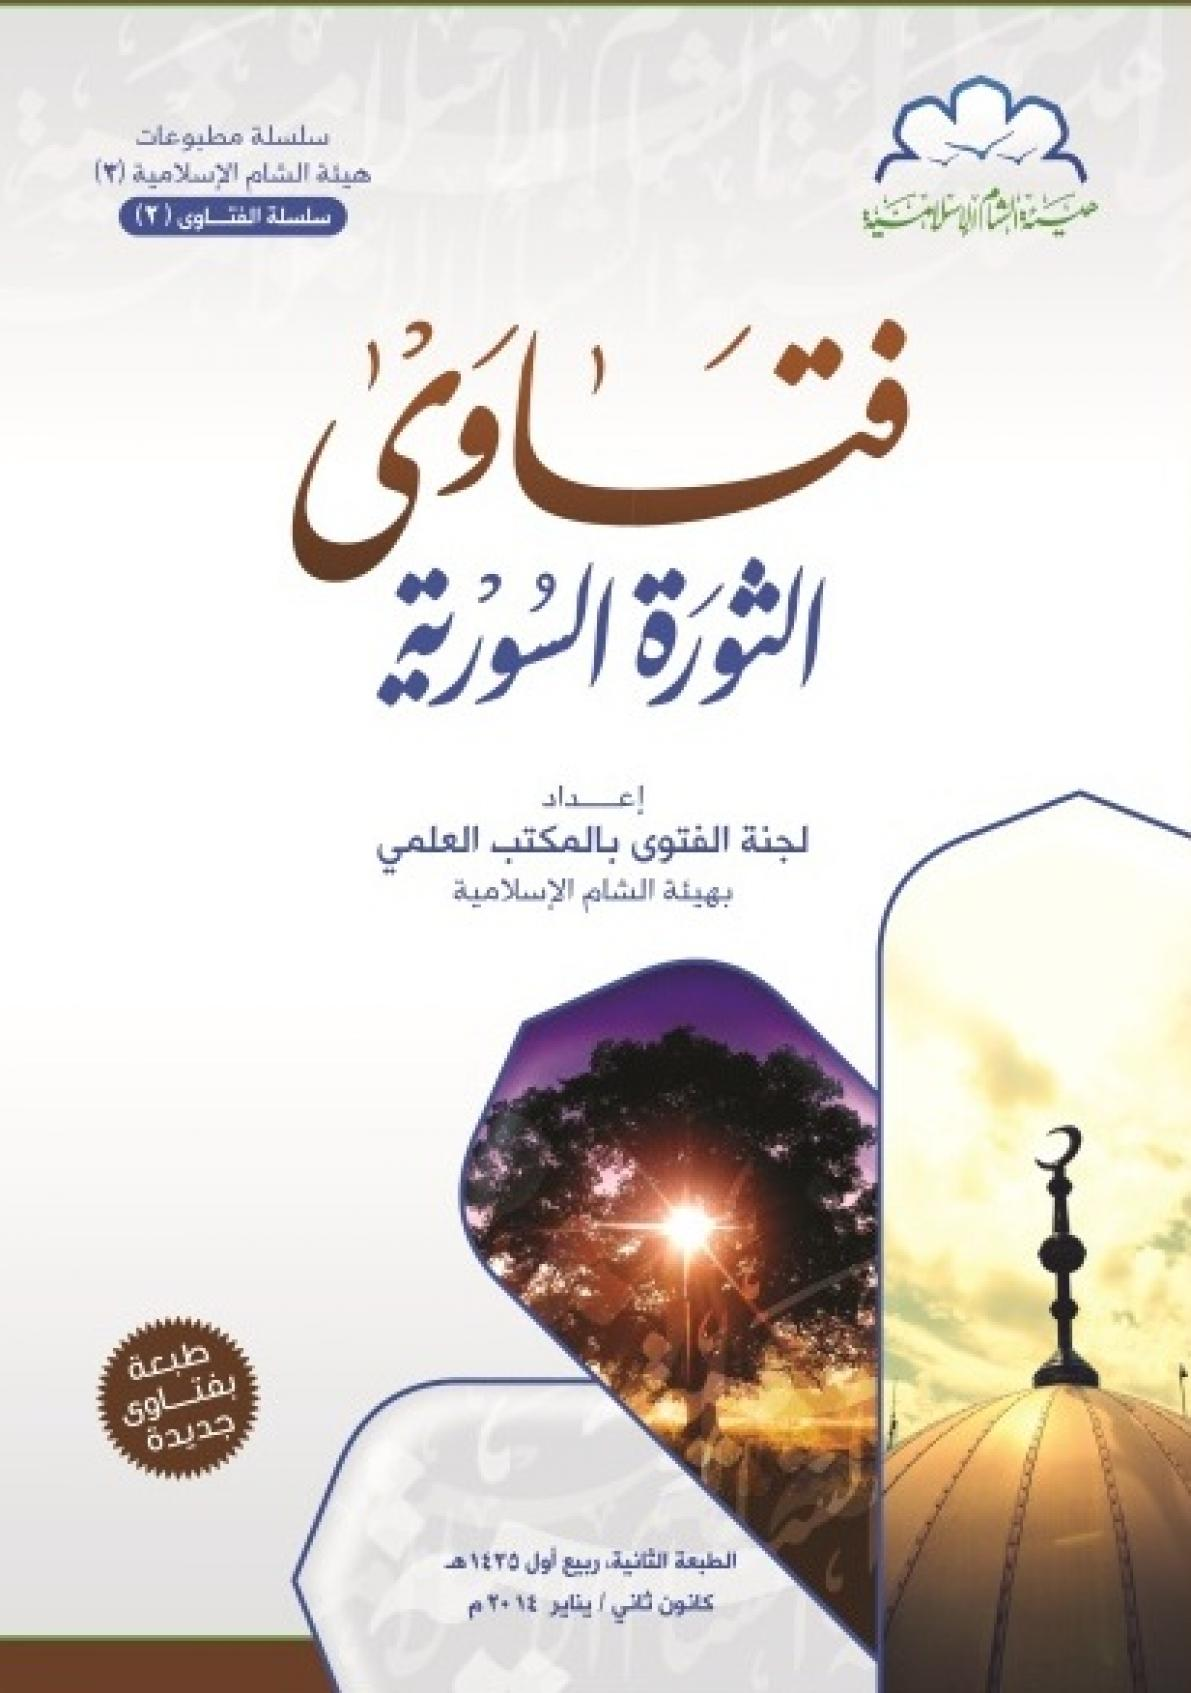 فتاوى الثورة السورية - الطبعة الثانية ( نسخة الكترونية للتحميل )